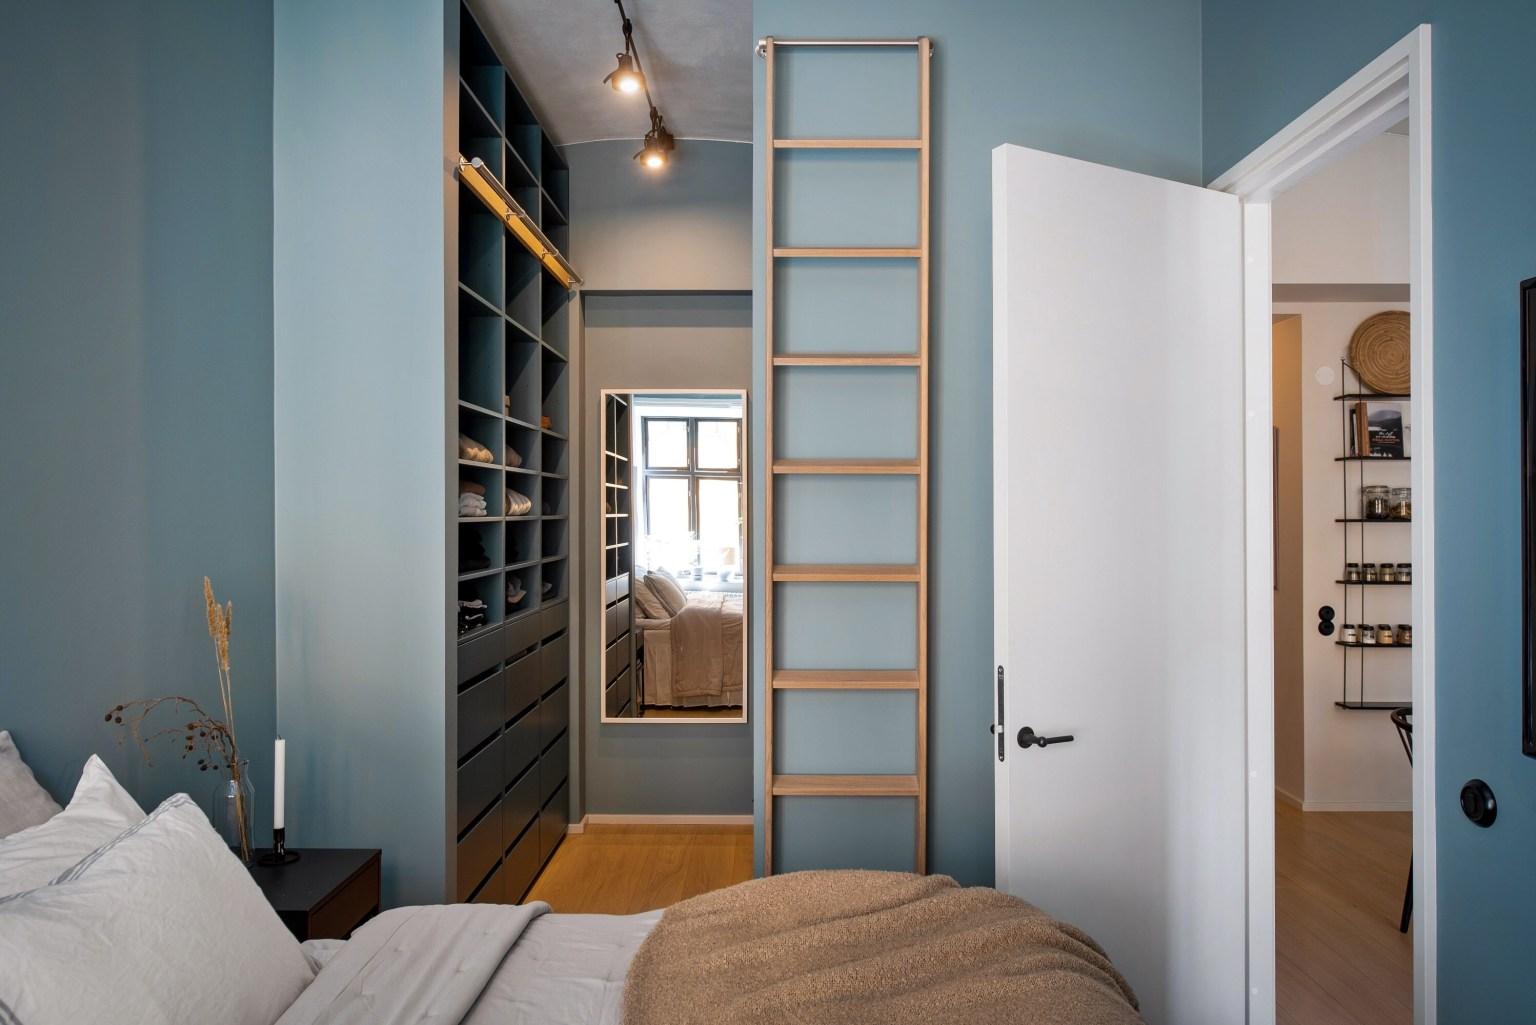 Căn phòng màu xanh xám tạo vẻ đẹp hiện đại, bình yên